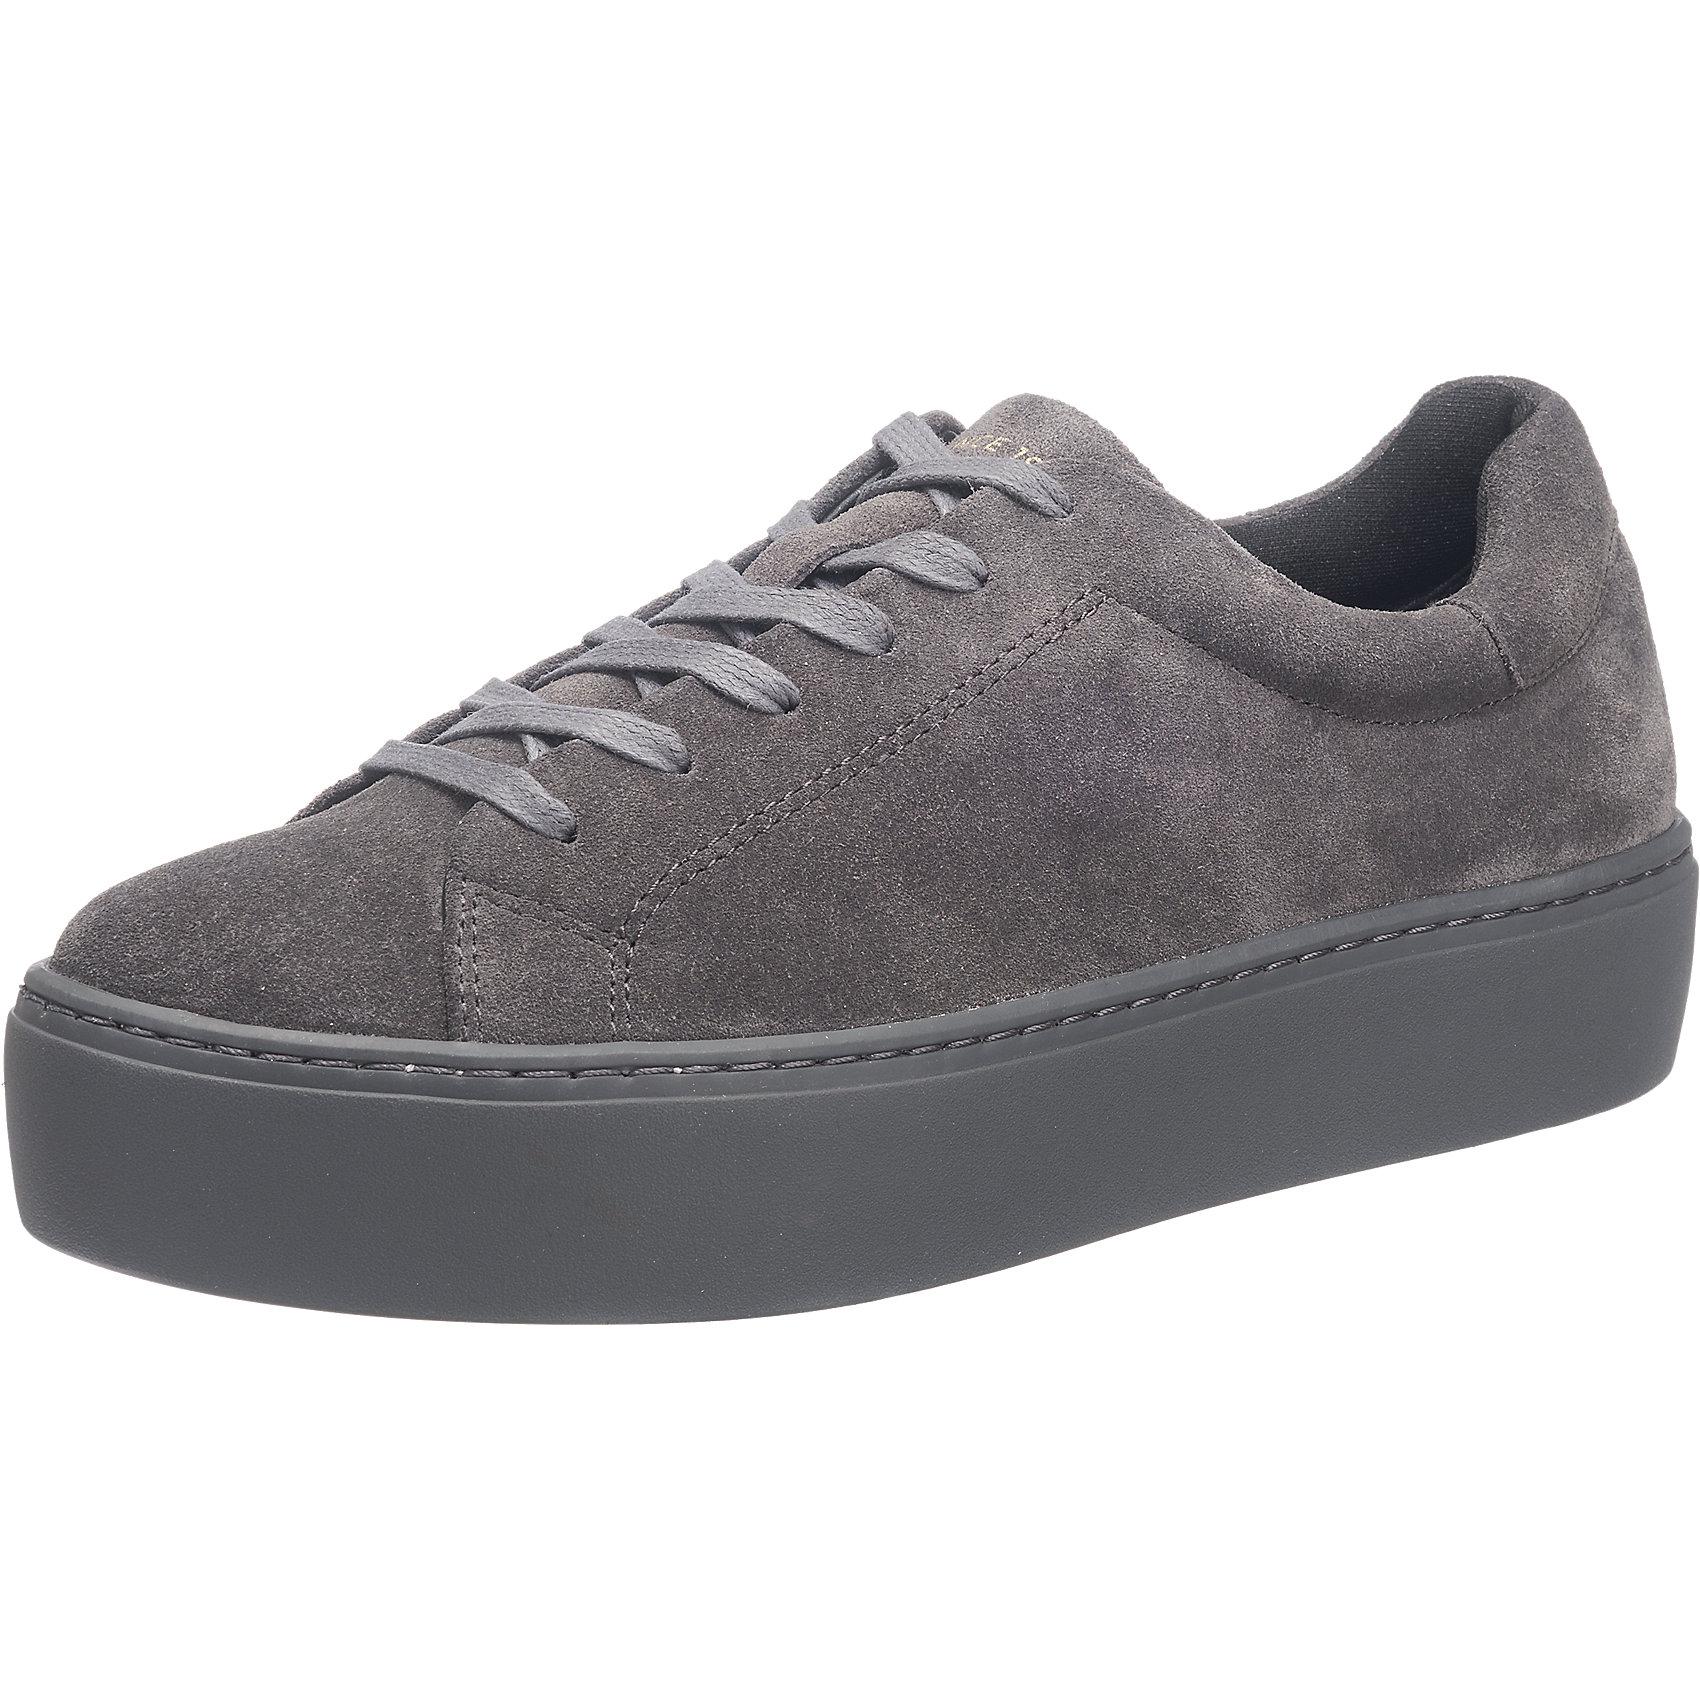 Damen Jessie Sneakers Vagabond 5780581 Für Rosa Neu 29IEDH